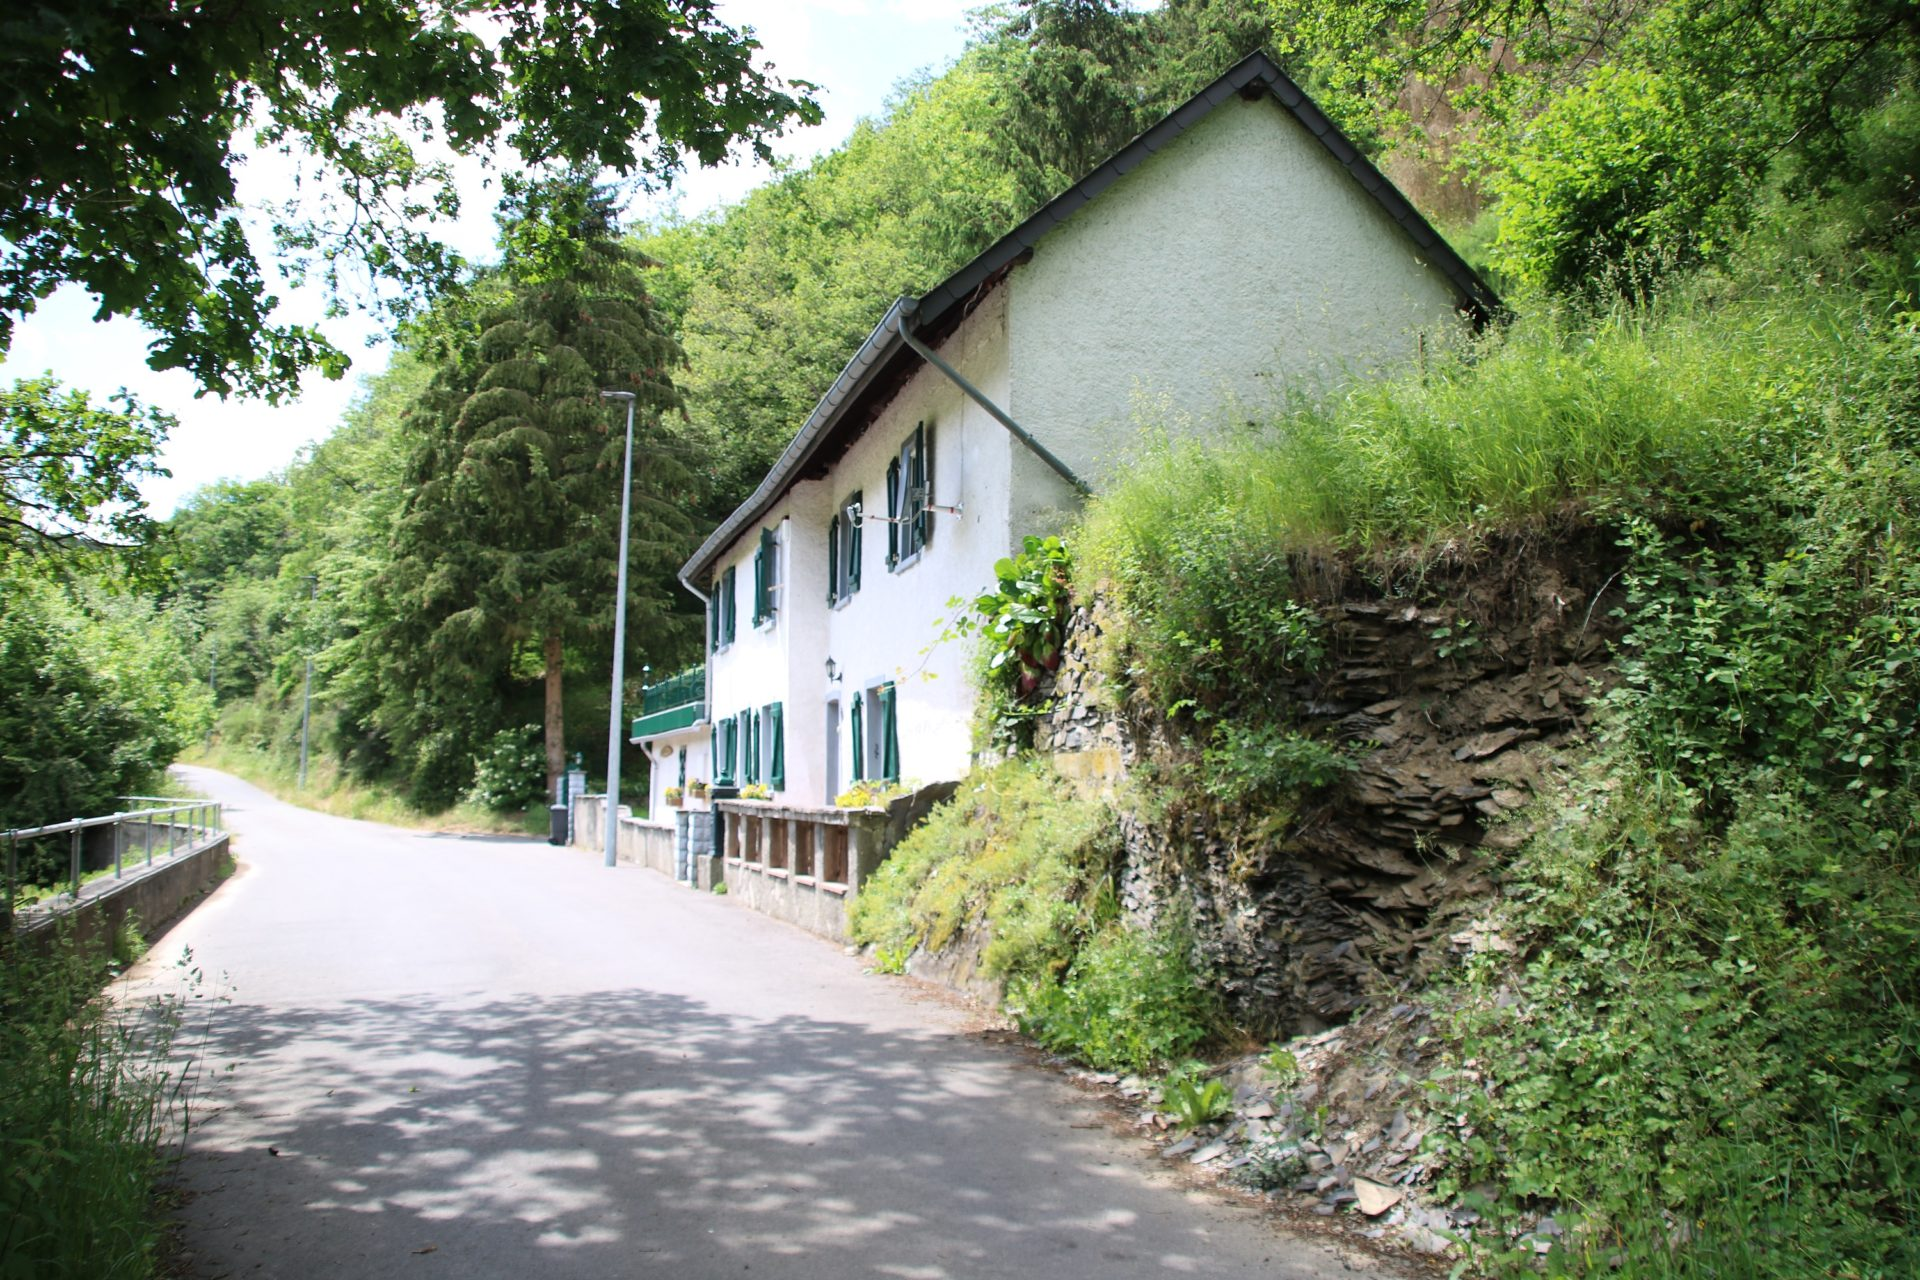 Holiday Home - Camping Kautenbach